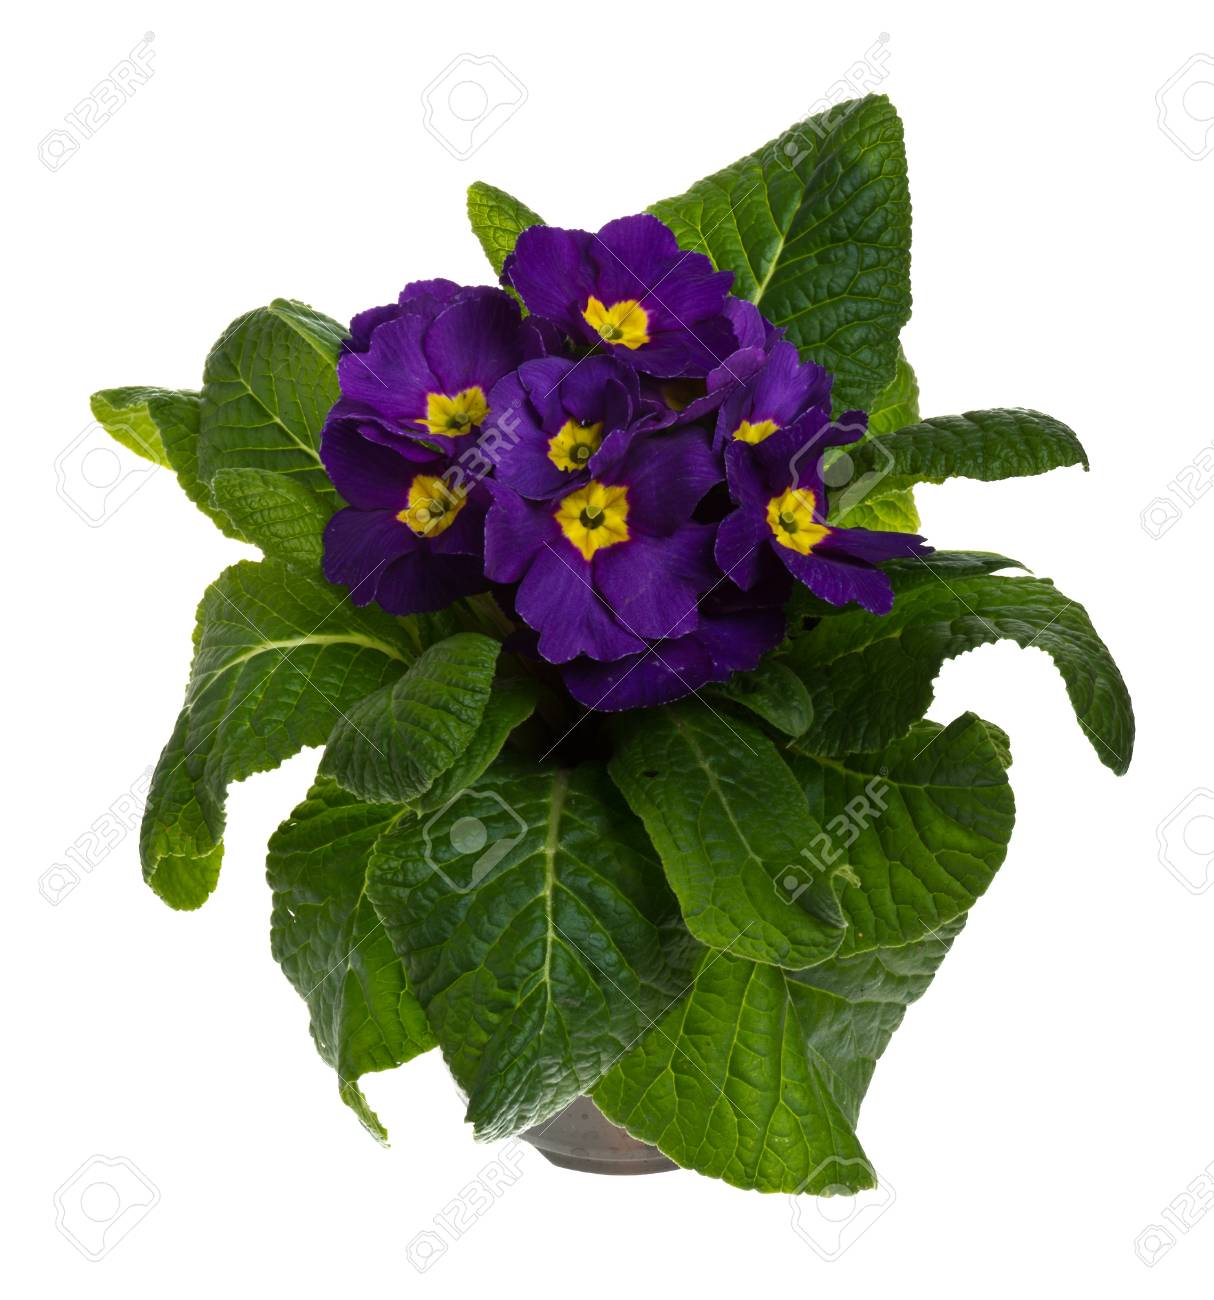 Bluhende Topfpflanzen Lila Primeln Isoliert Auf Weiss Lizenzfreie